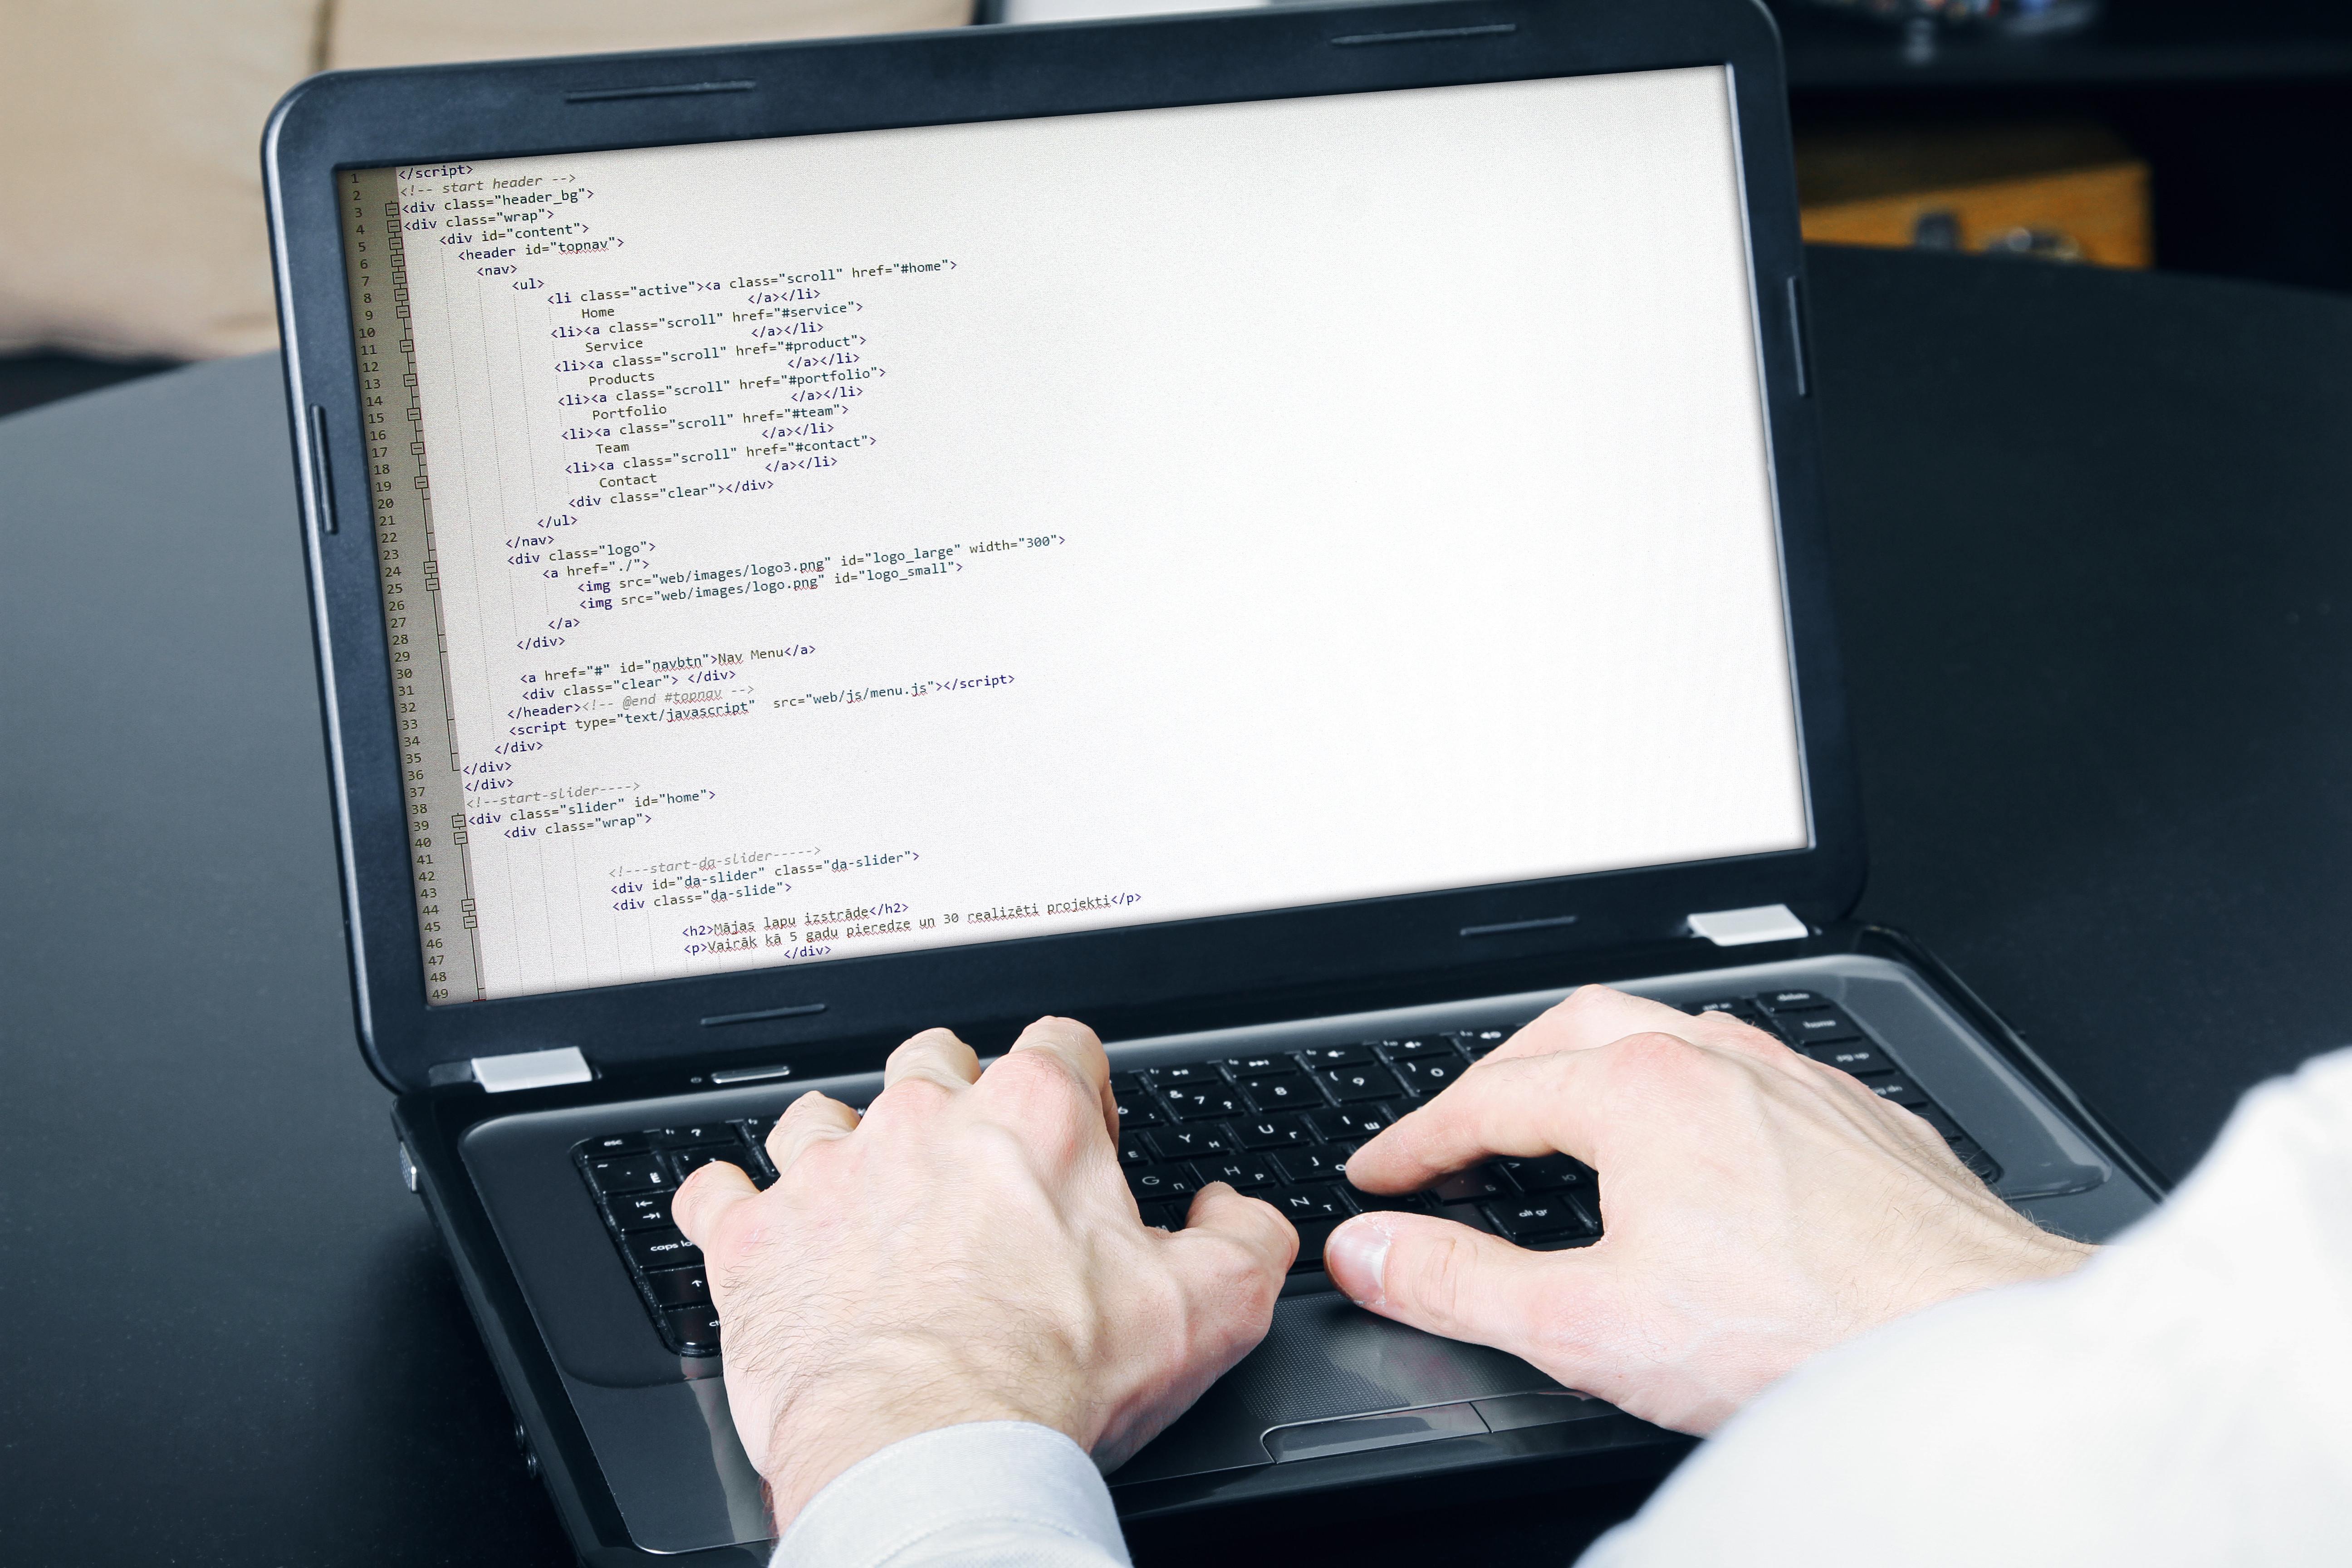 website development process - programmer writing code